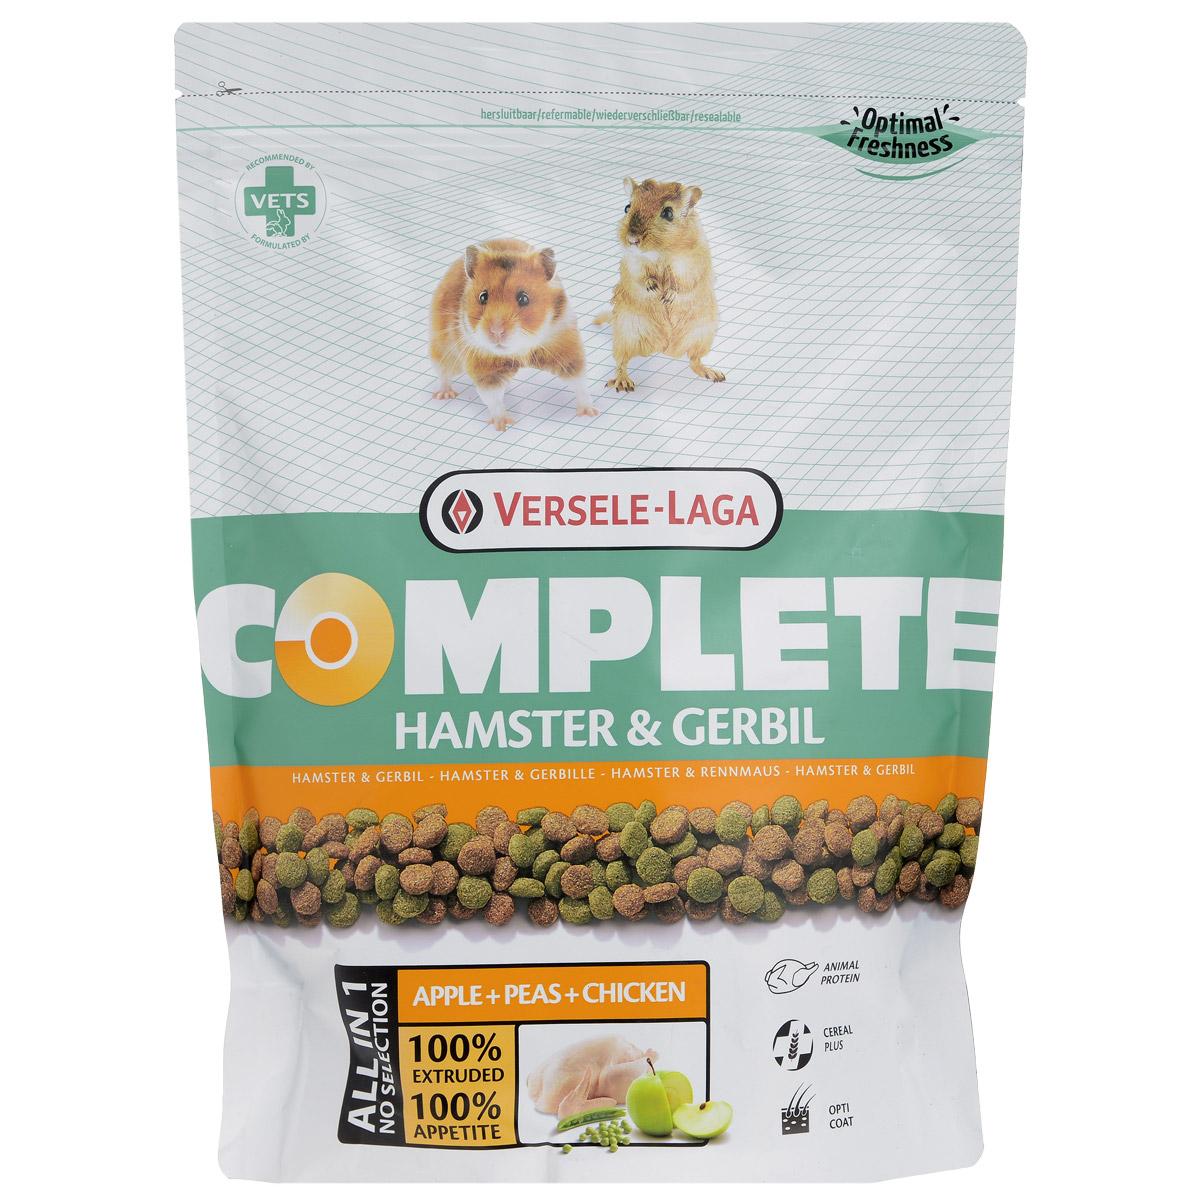 Корм для хомяков и песчанок Versele-Laga Hamster & Gerbil, комплексный, 500 г461296Комплексный корм Versele-Laga - это полноценный и вкусный корм для (карликовых) хомяков, состоящий на 100% из легкоусвояемых экструдированных гранул. Корм содержит все питательные вещества, необходимые вашим питомцам для здоровой и активной жизни.Уход за зубамиПроблемы с ротовой полостью — частое явление у хомяков. Зачастую это последствия неправильного питания с нехваткой твердых компонентов для стачивания постоянно растущих зубов. Использование особых неизмельченных и твердых компонентов в гранулах обеспечит более длительное жевание и лучшее стачивание зубов, что благоприятствует здоровью ротовой полости.Свежие овощи Особый процесс прессования позволяет добавлять в гранулы до 10% свежих овощей, что обеспечивает прекрасный вкус гранул. Вкупе с дополнительной клетчаткой гранулы имеют прекрасную перевариваемость.ПротеиныХомяки по своей природе всеядны и относятся к тем грызунам, которым необходимы как животные, так и растительные белки. При этом содержание жиров в корме должно быть ограниченным.ФлорастимулДобавление таких пробиотиков как фруктоолигосахариды (FOS) и маннанолигосахариды (MOS) крайне положительно сказывается на здоровье кишечной микрофлоры, обеспечивая правильное функционирование пищеварения.ВитаминыНезаменимые витамины поддерживают общее здоровье питомца. Витамин A важен для обновления клеток кожи, для зрения, репродуктивной деятельности и обмена веществ. Витамин D3 стимулирует усвоение кальция и фосфора, укрепляя кости. Витамины E и C являются важными антиоксидантами, защищающими организм от свободных радикалов, а также улучшая защитные механизмы организма. Корм также обогащен стабилизированным витамином C, который, в отличие от кристаллизованной формы, меньше подвержен окислению и биораспаду, дольше сохраняя активные свойства.Хороший иммунитетДобавление натуральных растительных пигментов, лютеина и бета-каротина позитивно влияет на общую резистентность организма. С одн